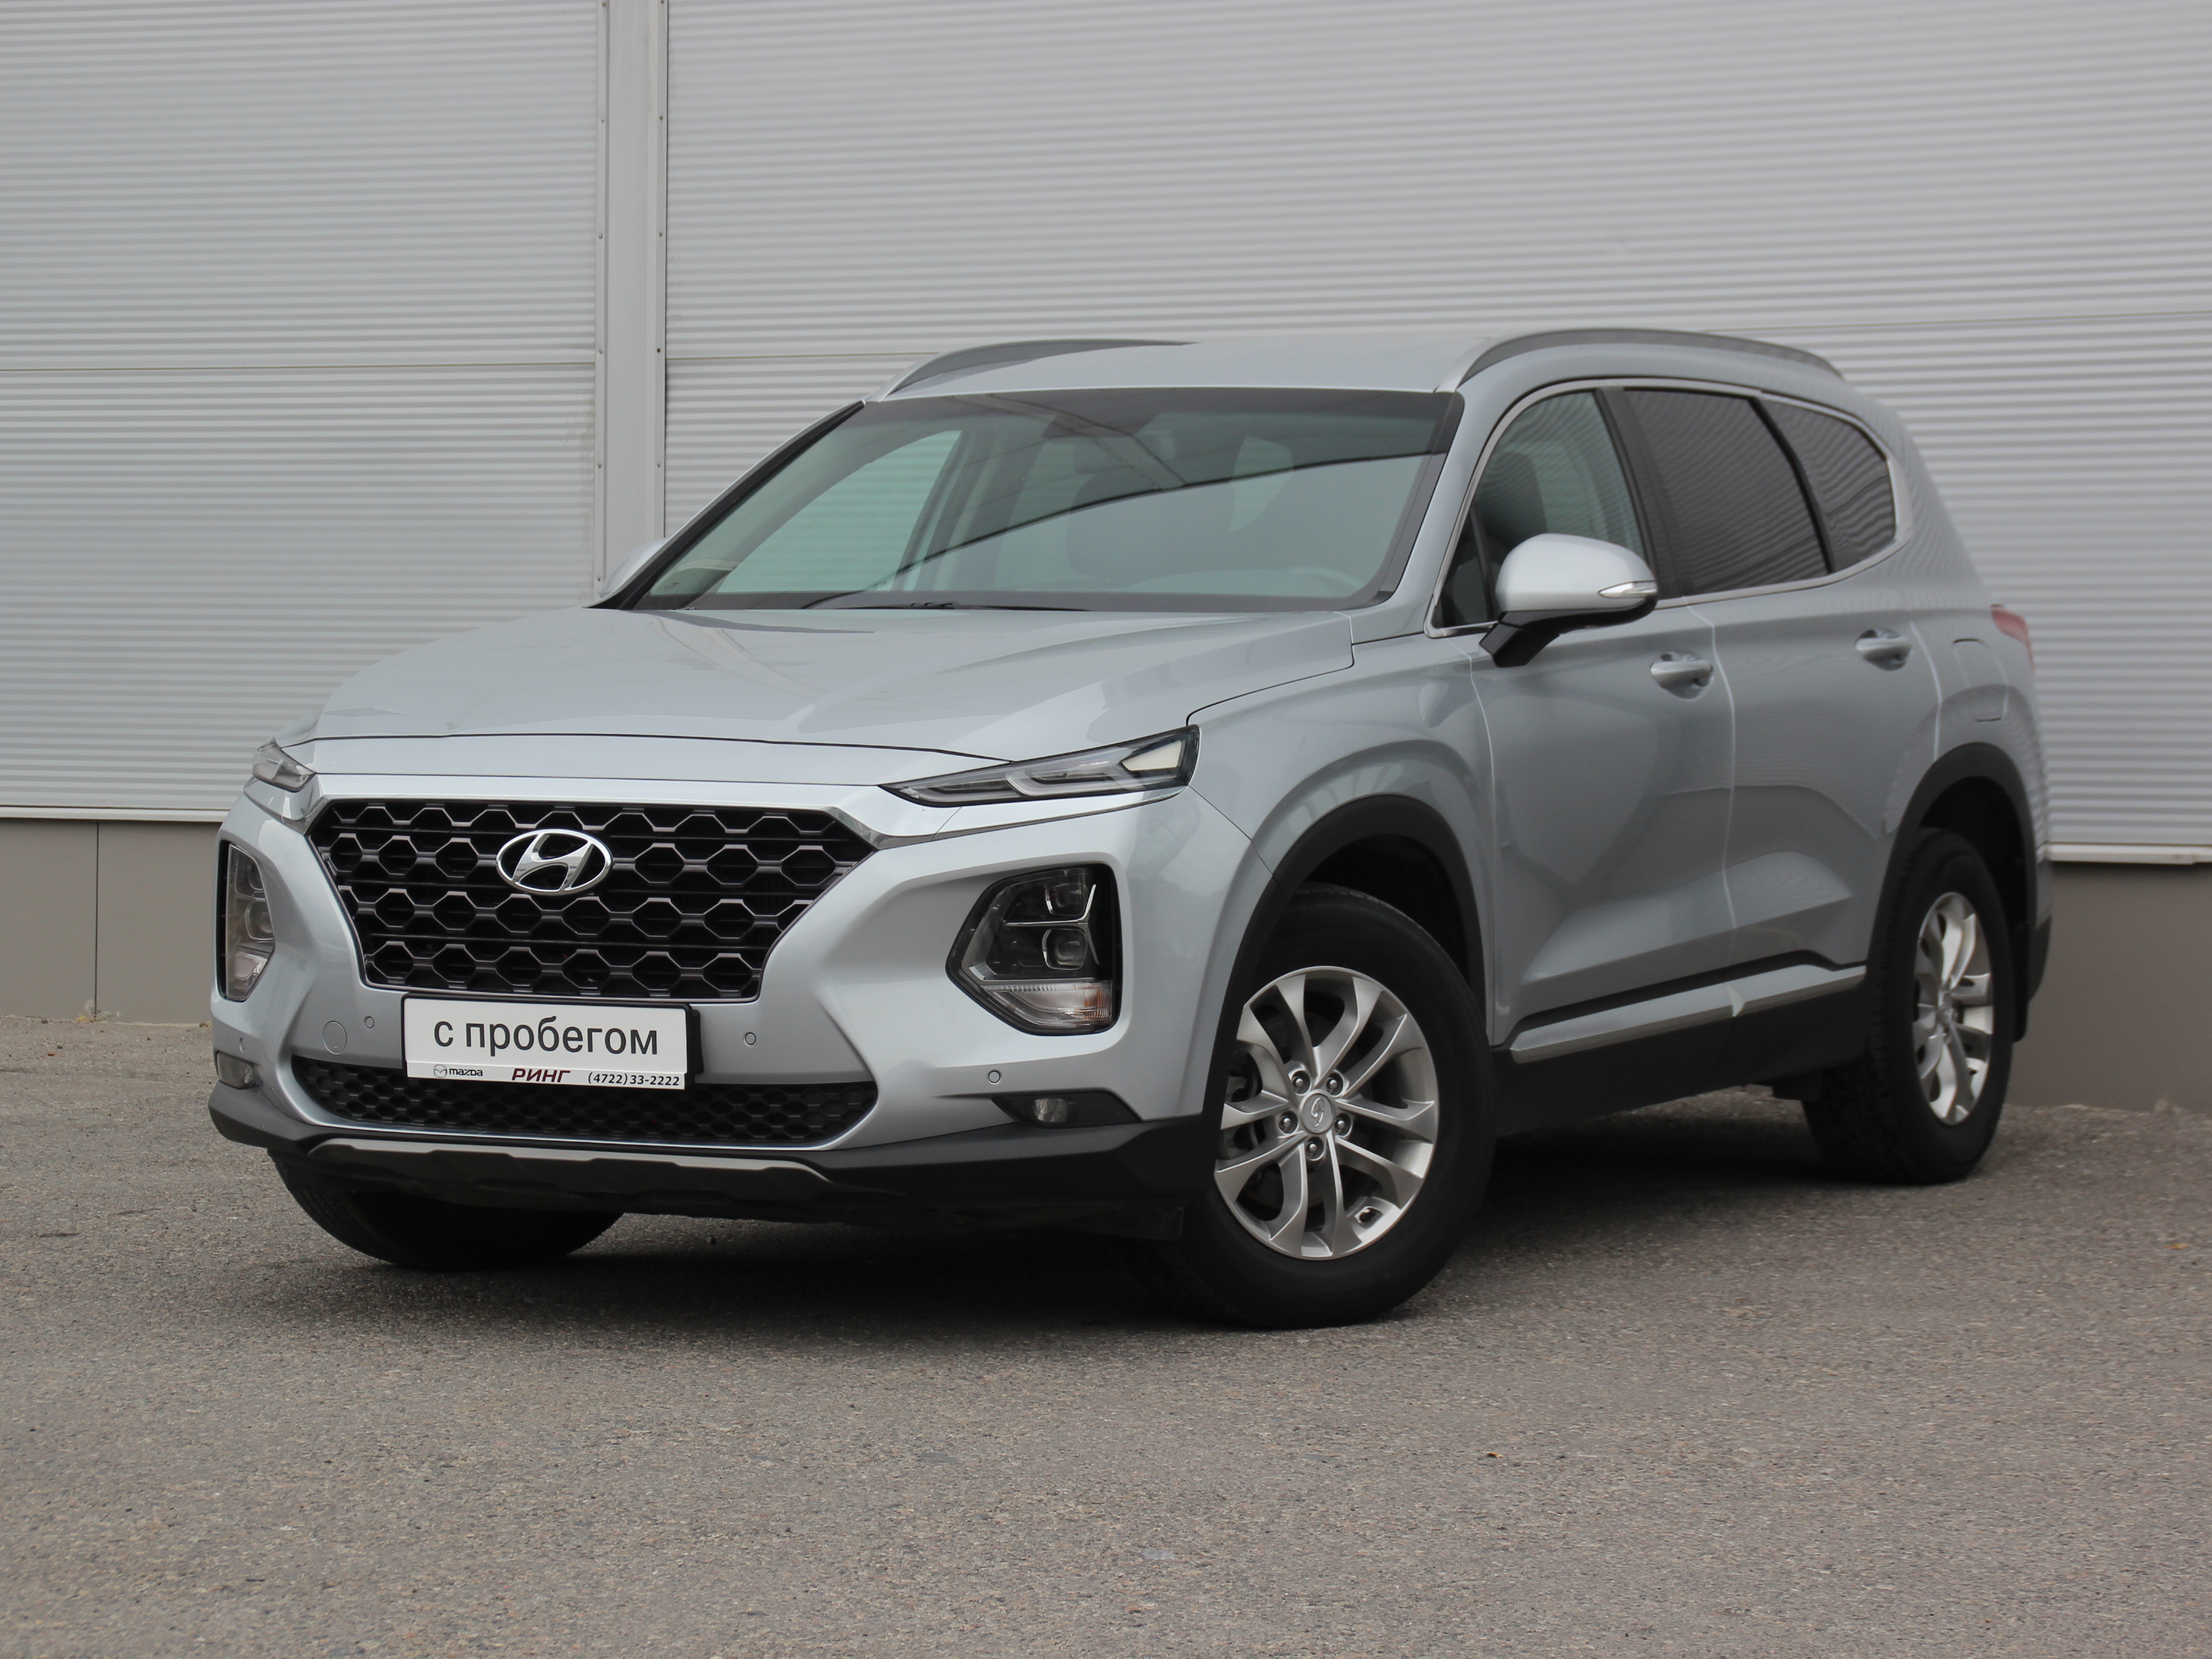 Hyundai Santa Fe Внедорожник (2019г.)